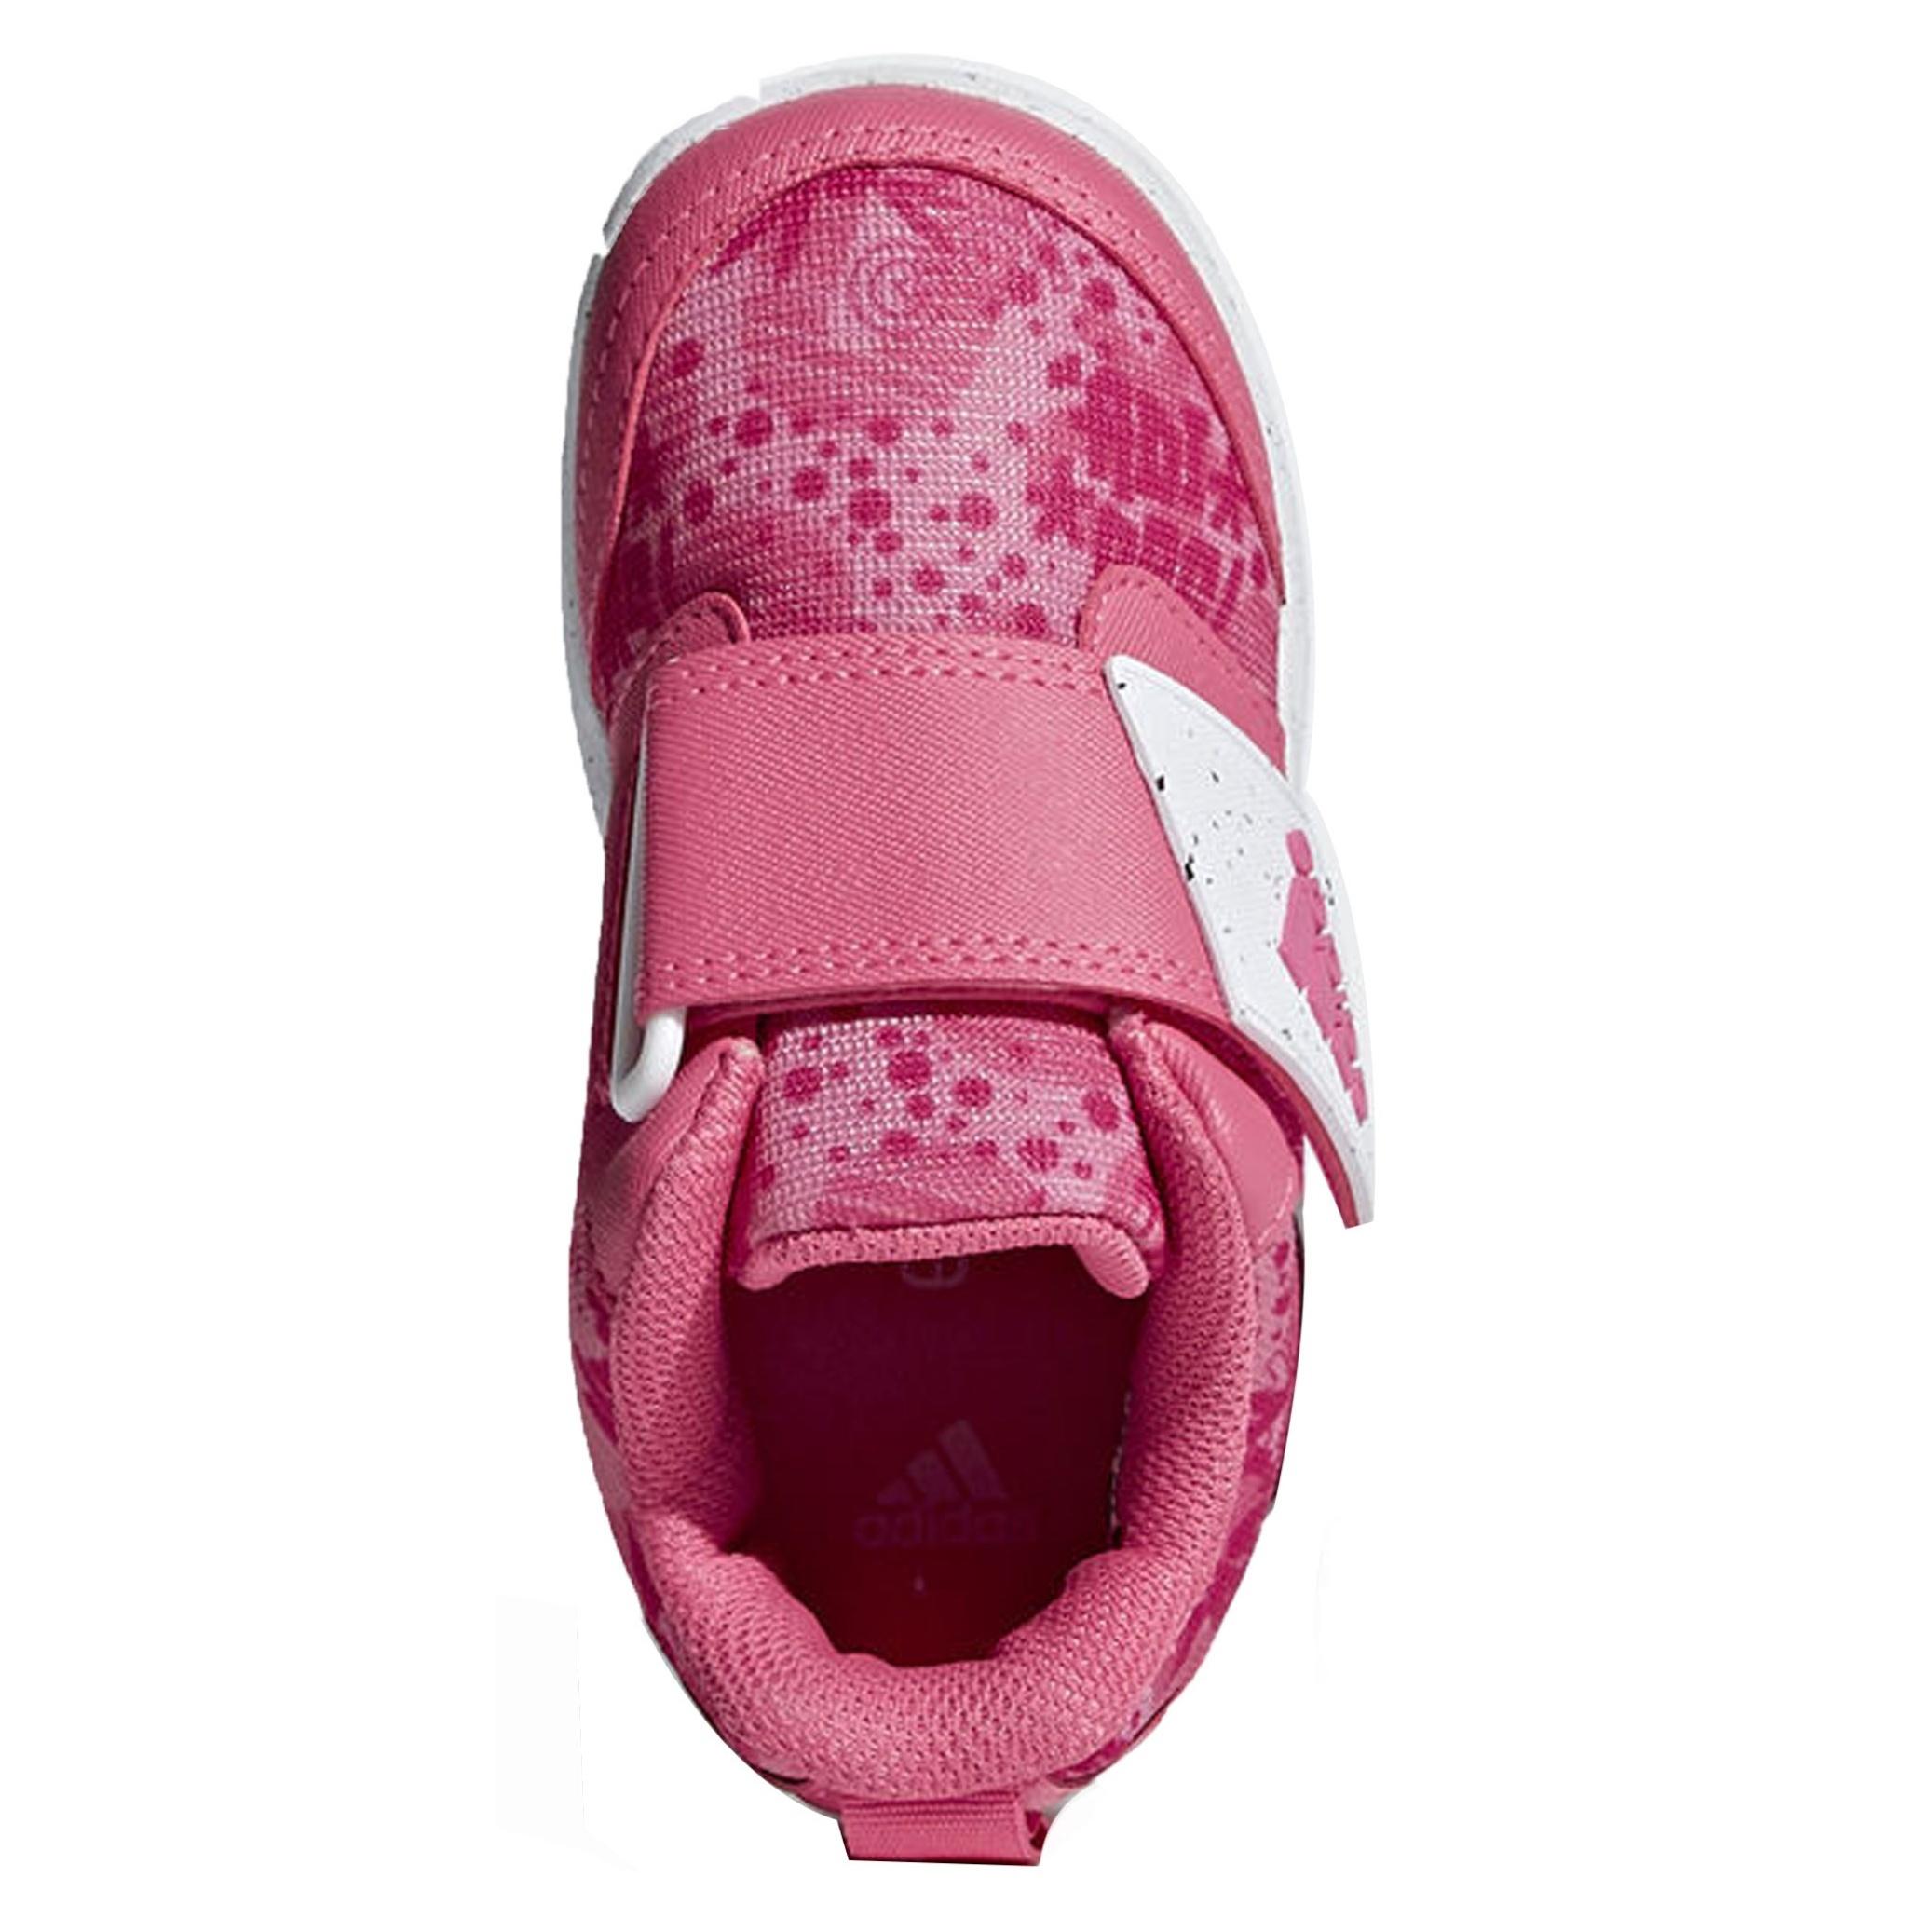 کفش تمرین چسبی دخترانه FortaPlay - آدیداس - صورتی - 3